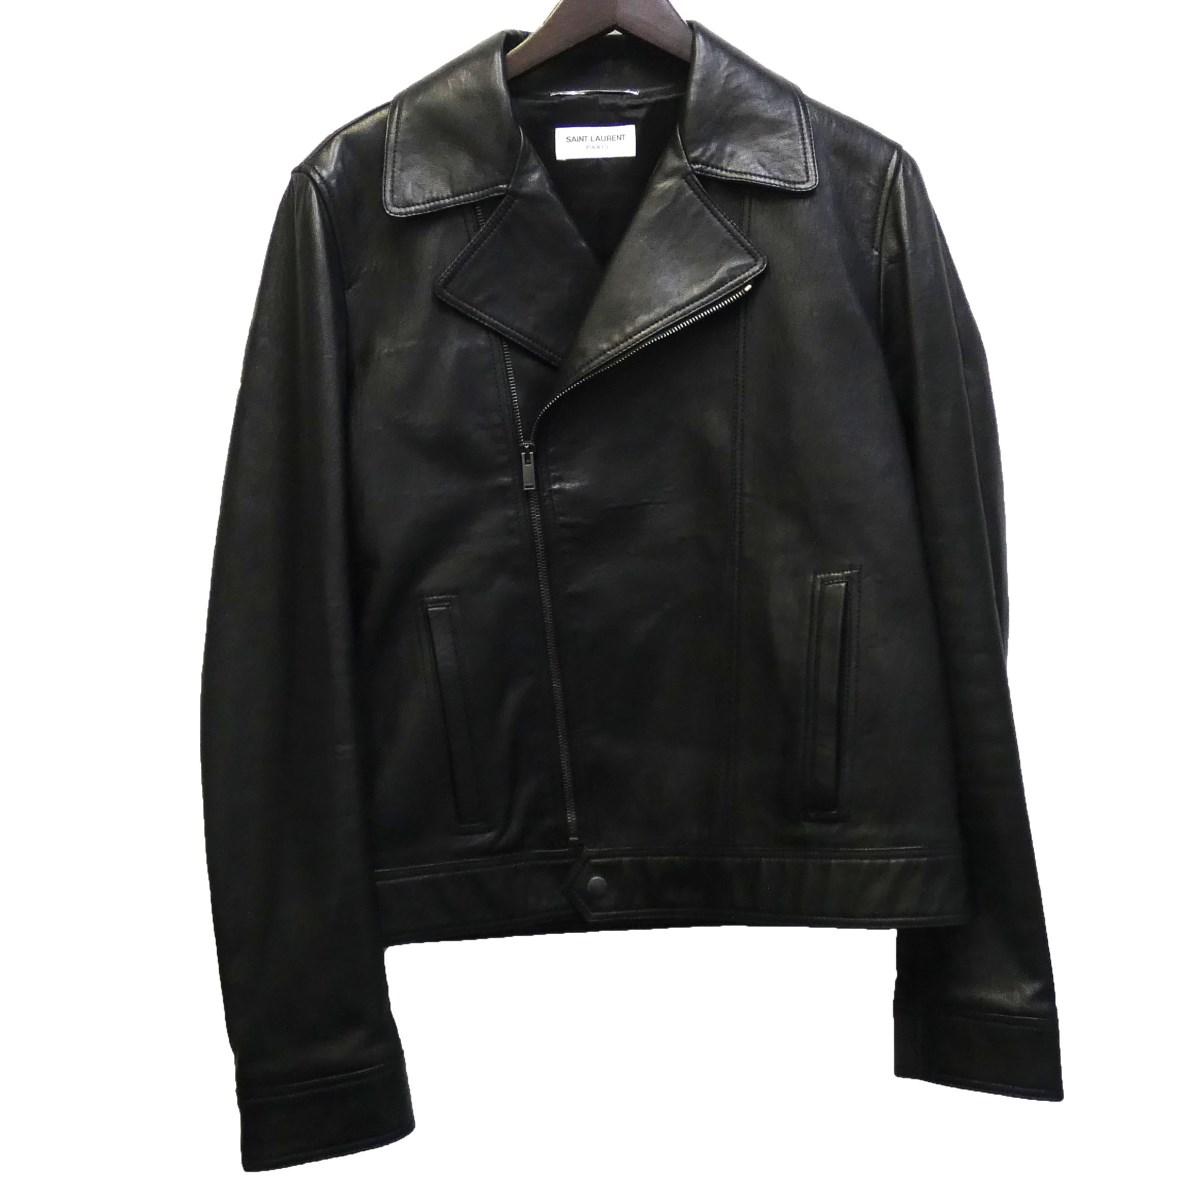 【中古】SAINT LAURENT PARIS 529897 ライダースジャケット ブラック サイズ:48 【300320】(サンローランパリ)